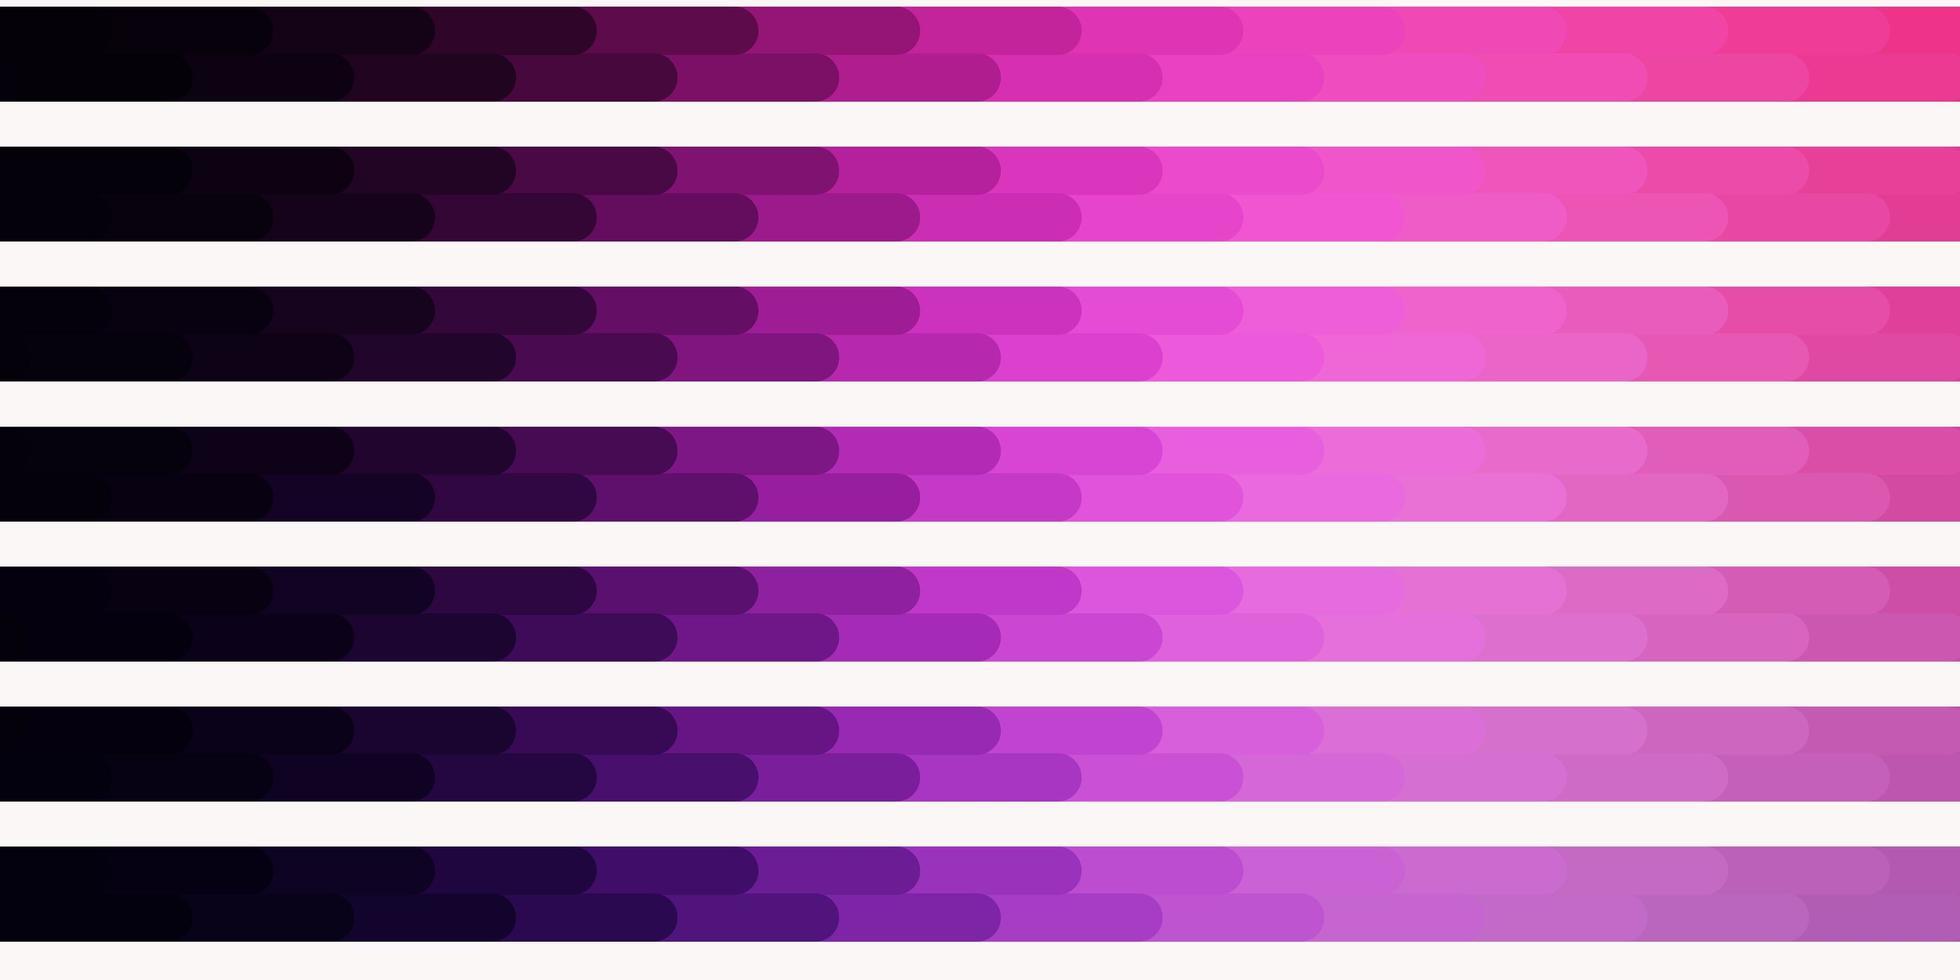 texture vecteur violet clair avec des lignes.